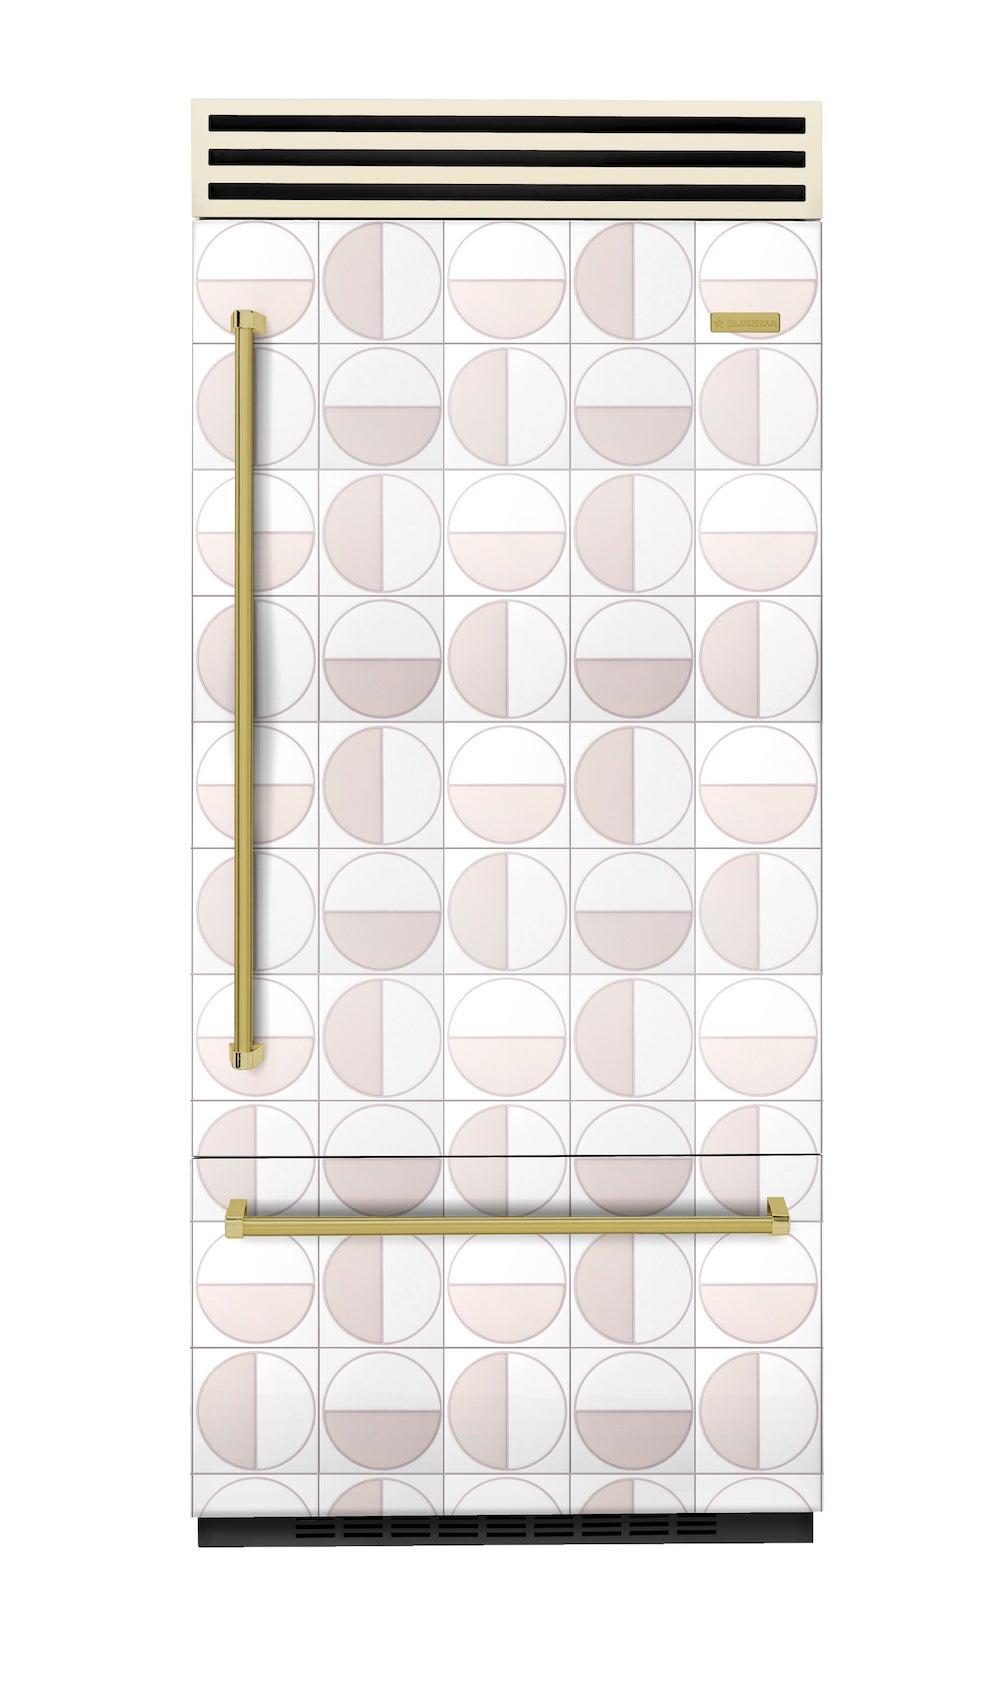 fridge covered in tiles